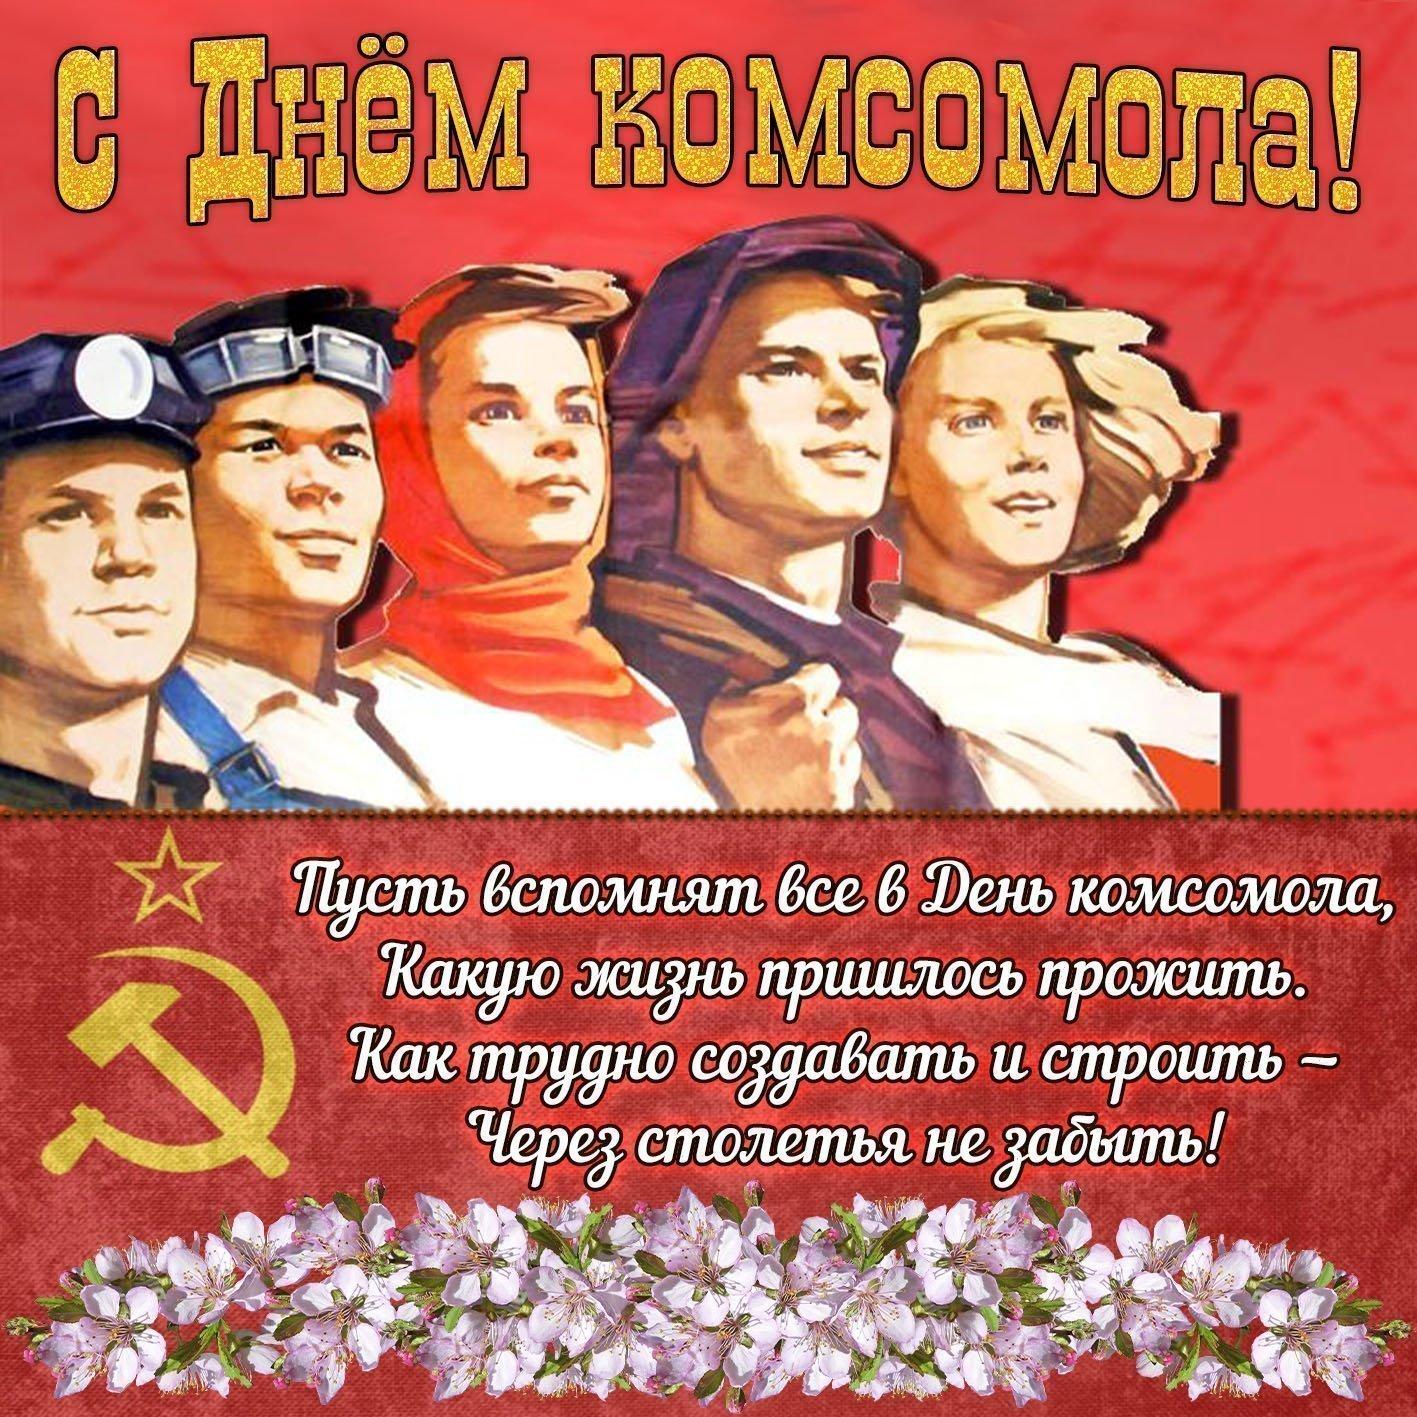 Прикольные поздравления с днем комсомола